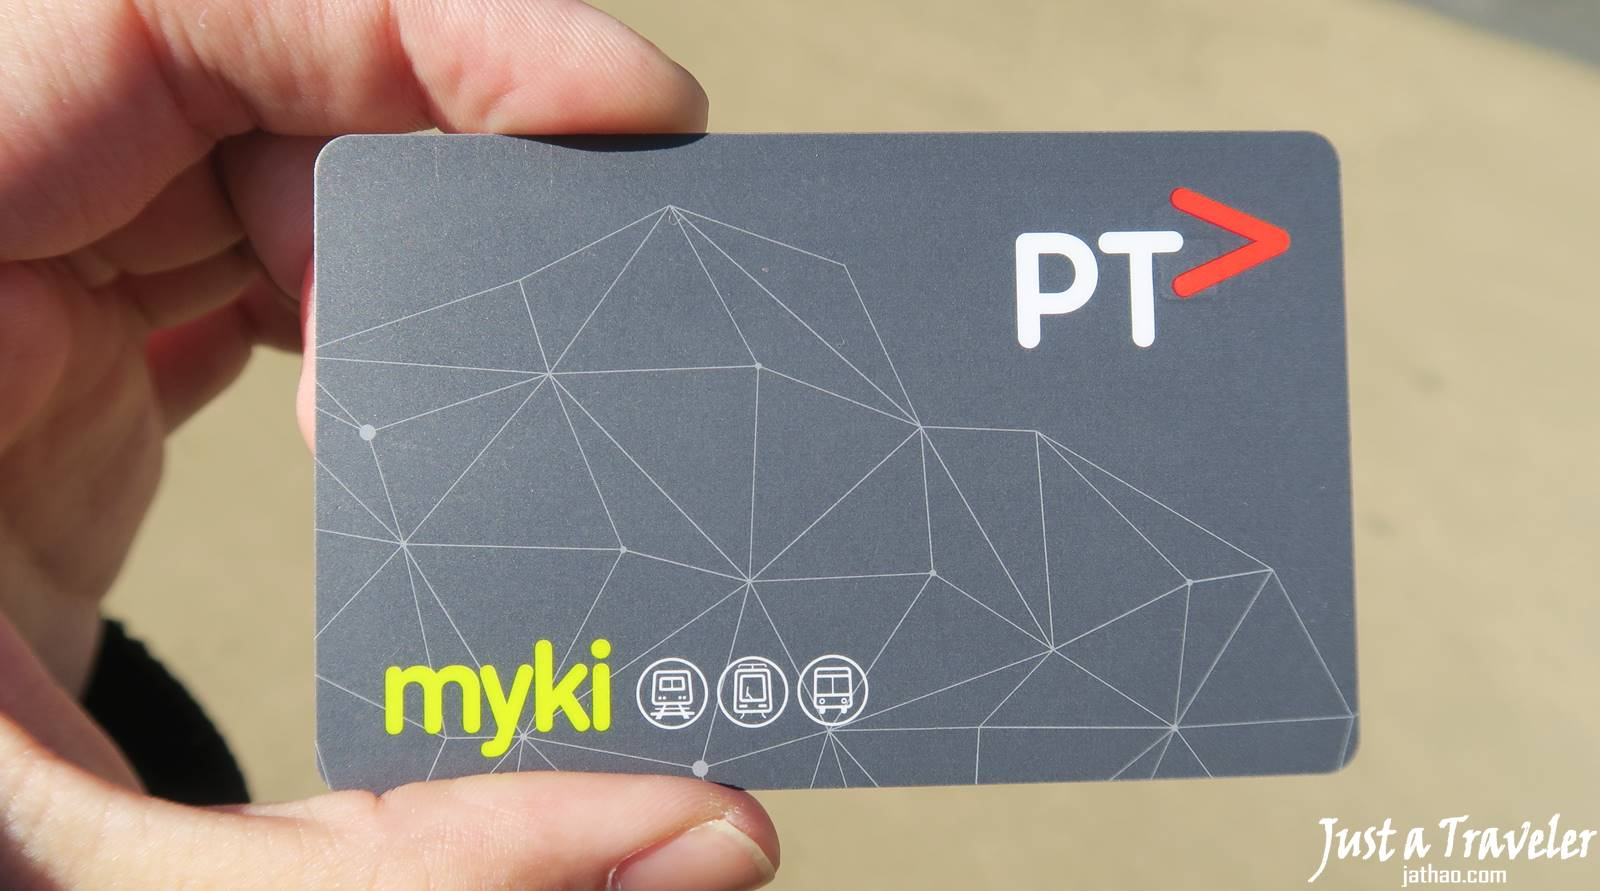 墨爾本-交通-myki-電車-火車-巴士-攻略-介紹-教學-搭乘-地圖-票價-melbourne-transport-tram-train-bus